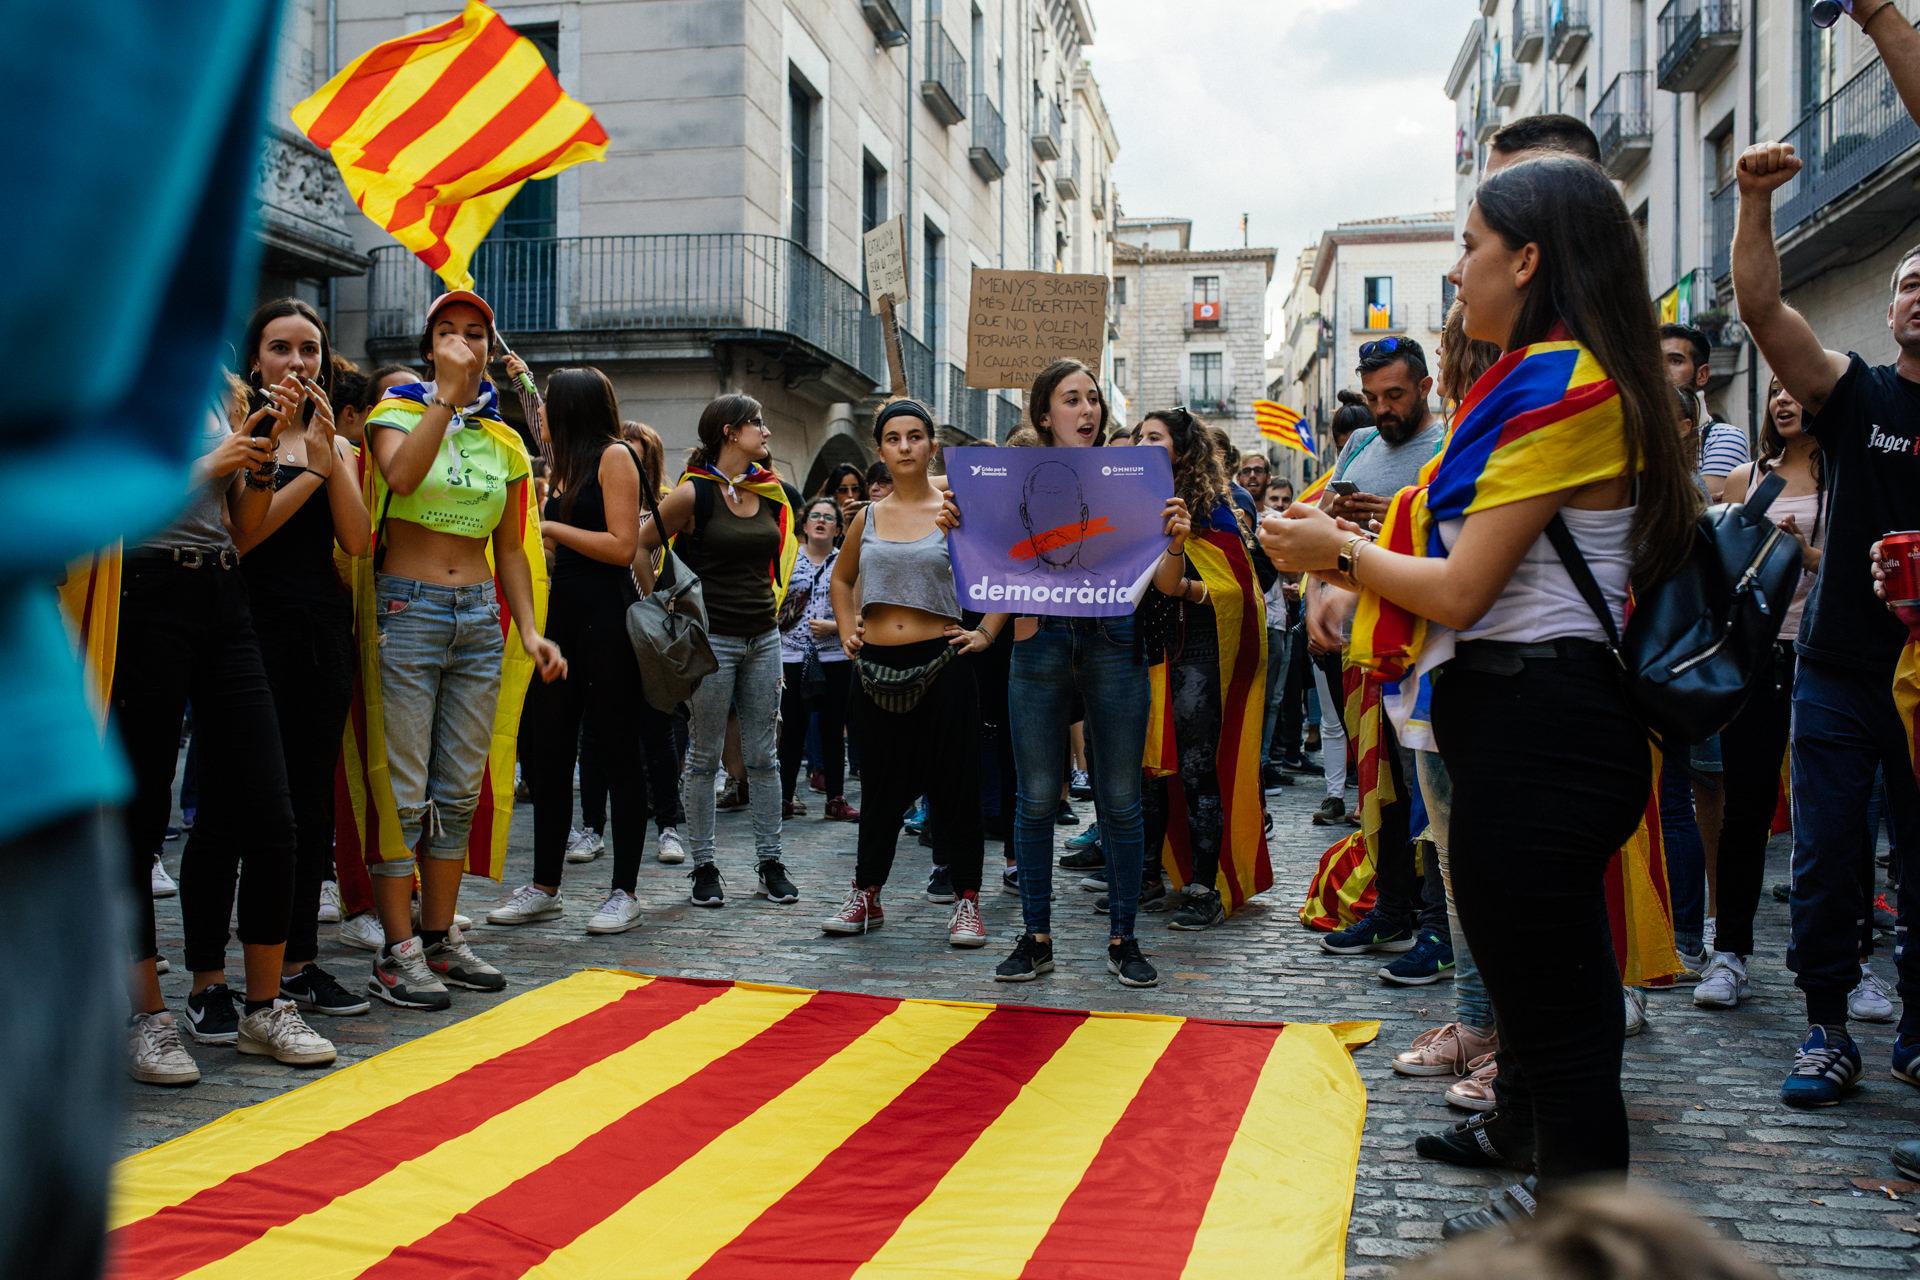 Proteste zum Unabhängigkeitsreferendum in Girona 2017